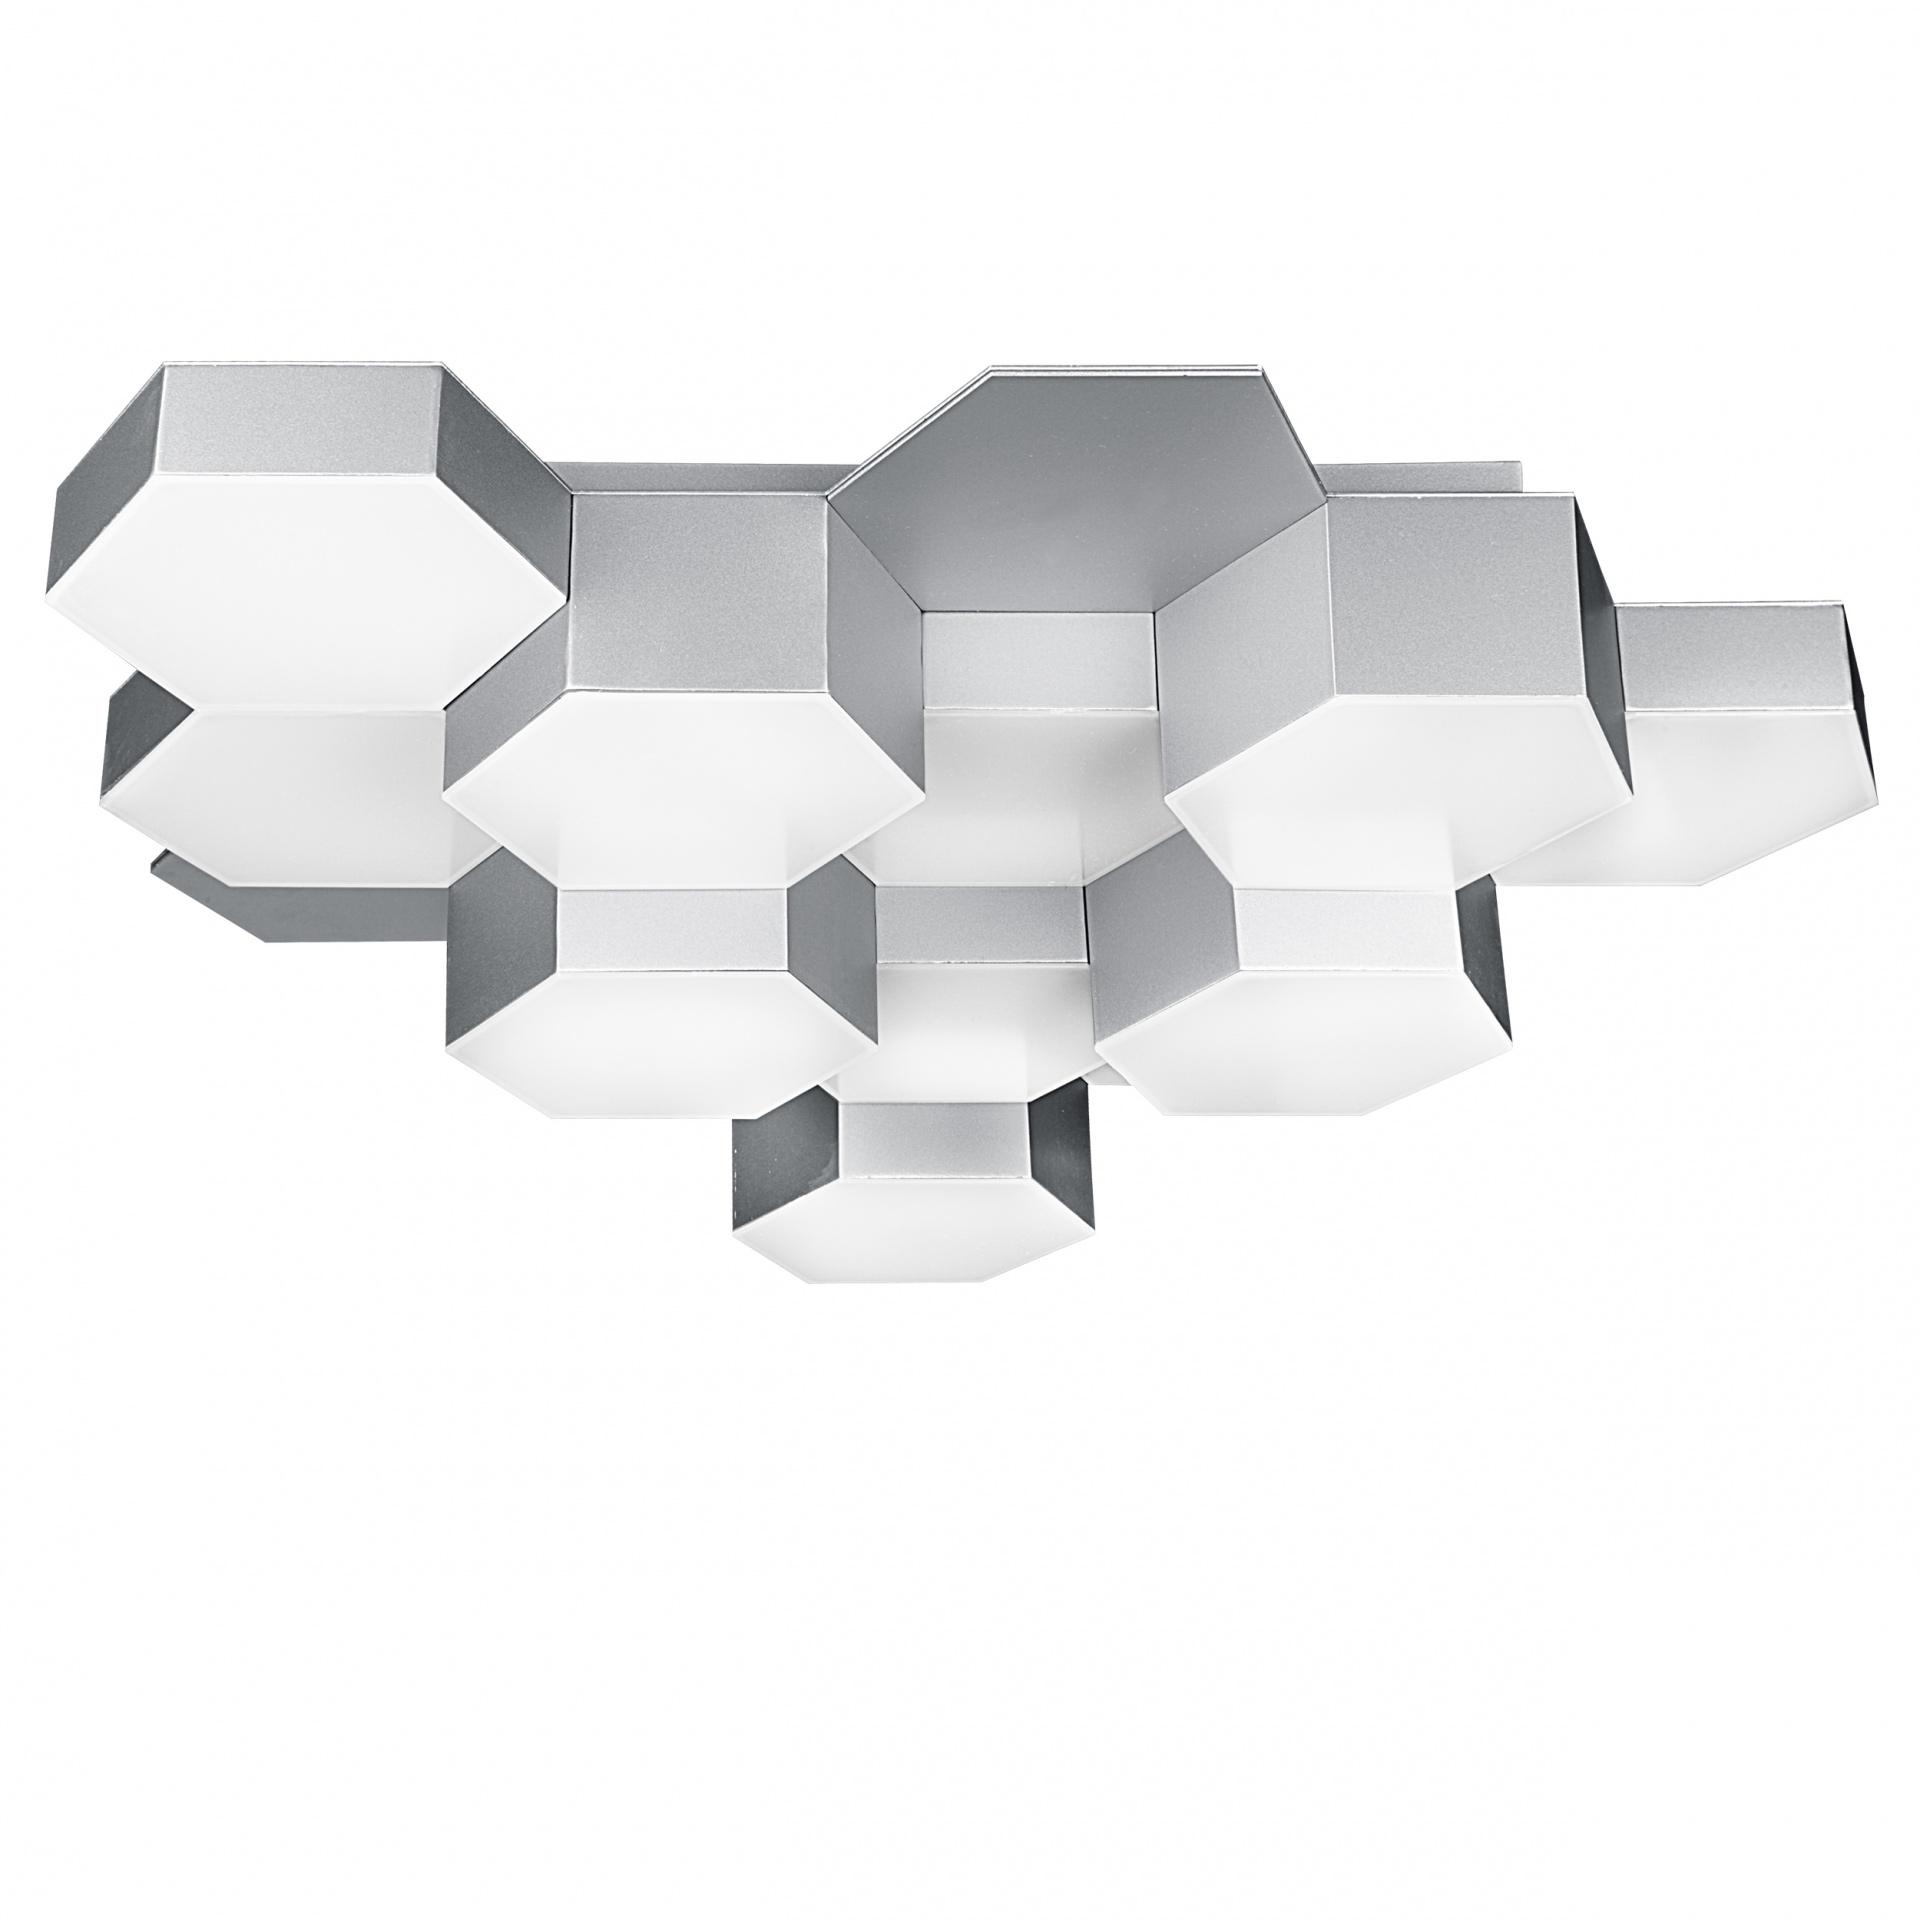 Люстра потолочная Favo LED-60W 2880LM silver 4000K Lightstar 750124, купить в СПб, Москве, с доставкой, Санкт-Петербург, интернет-магазин люстр и светильников Starlight, фото в жизни